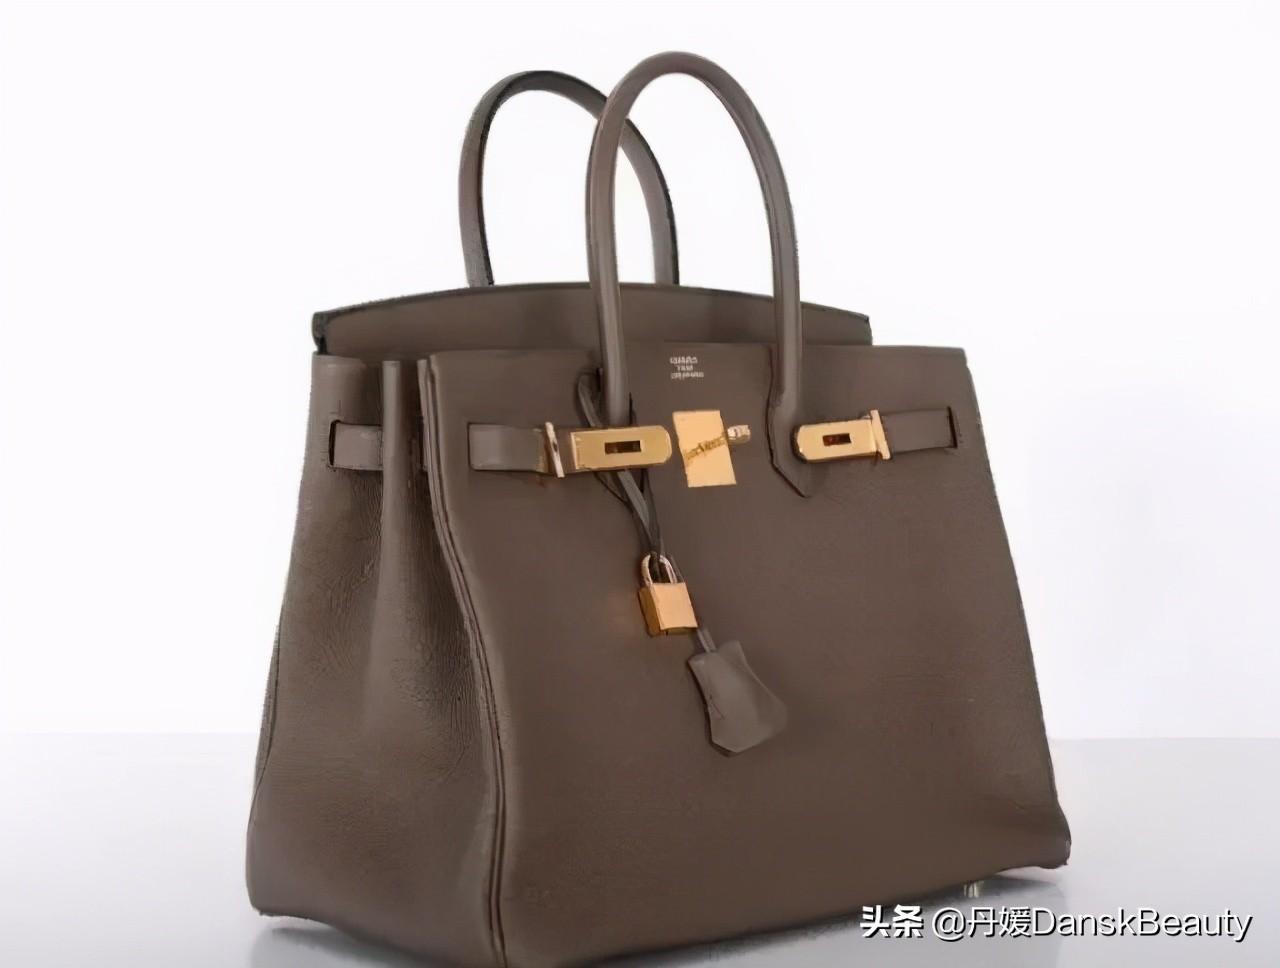 女人的最爱,全球10大手袋品牌